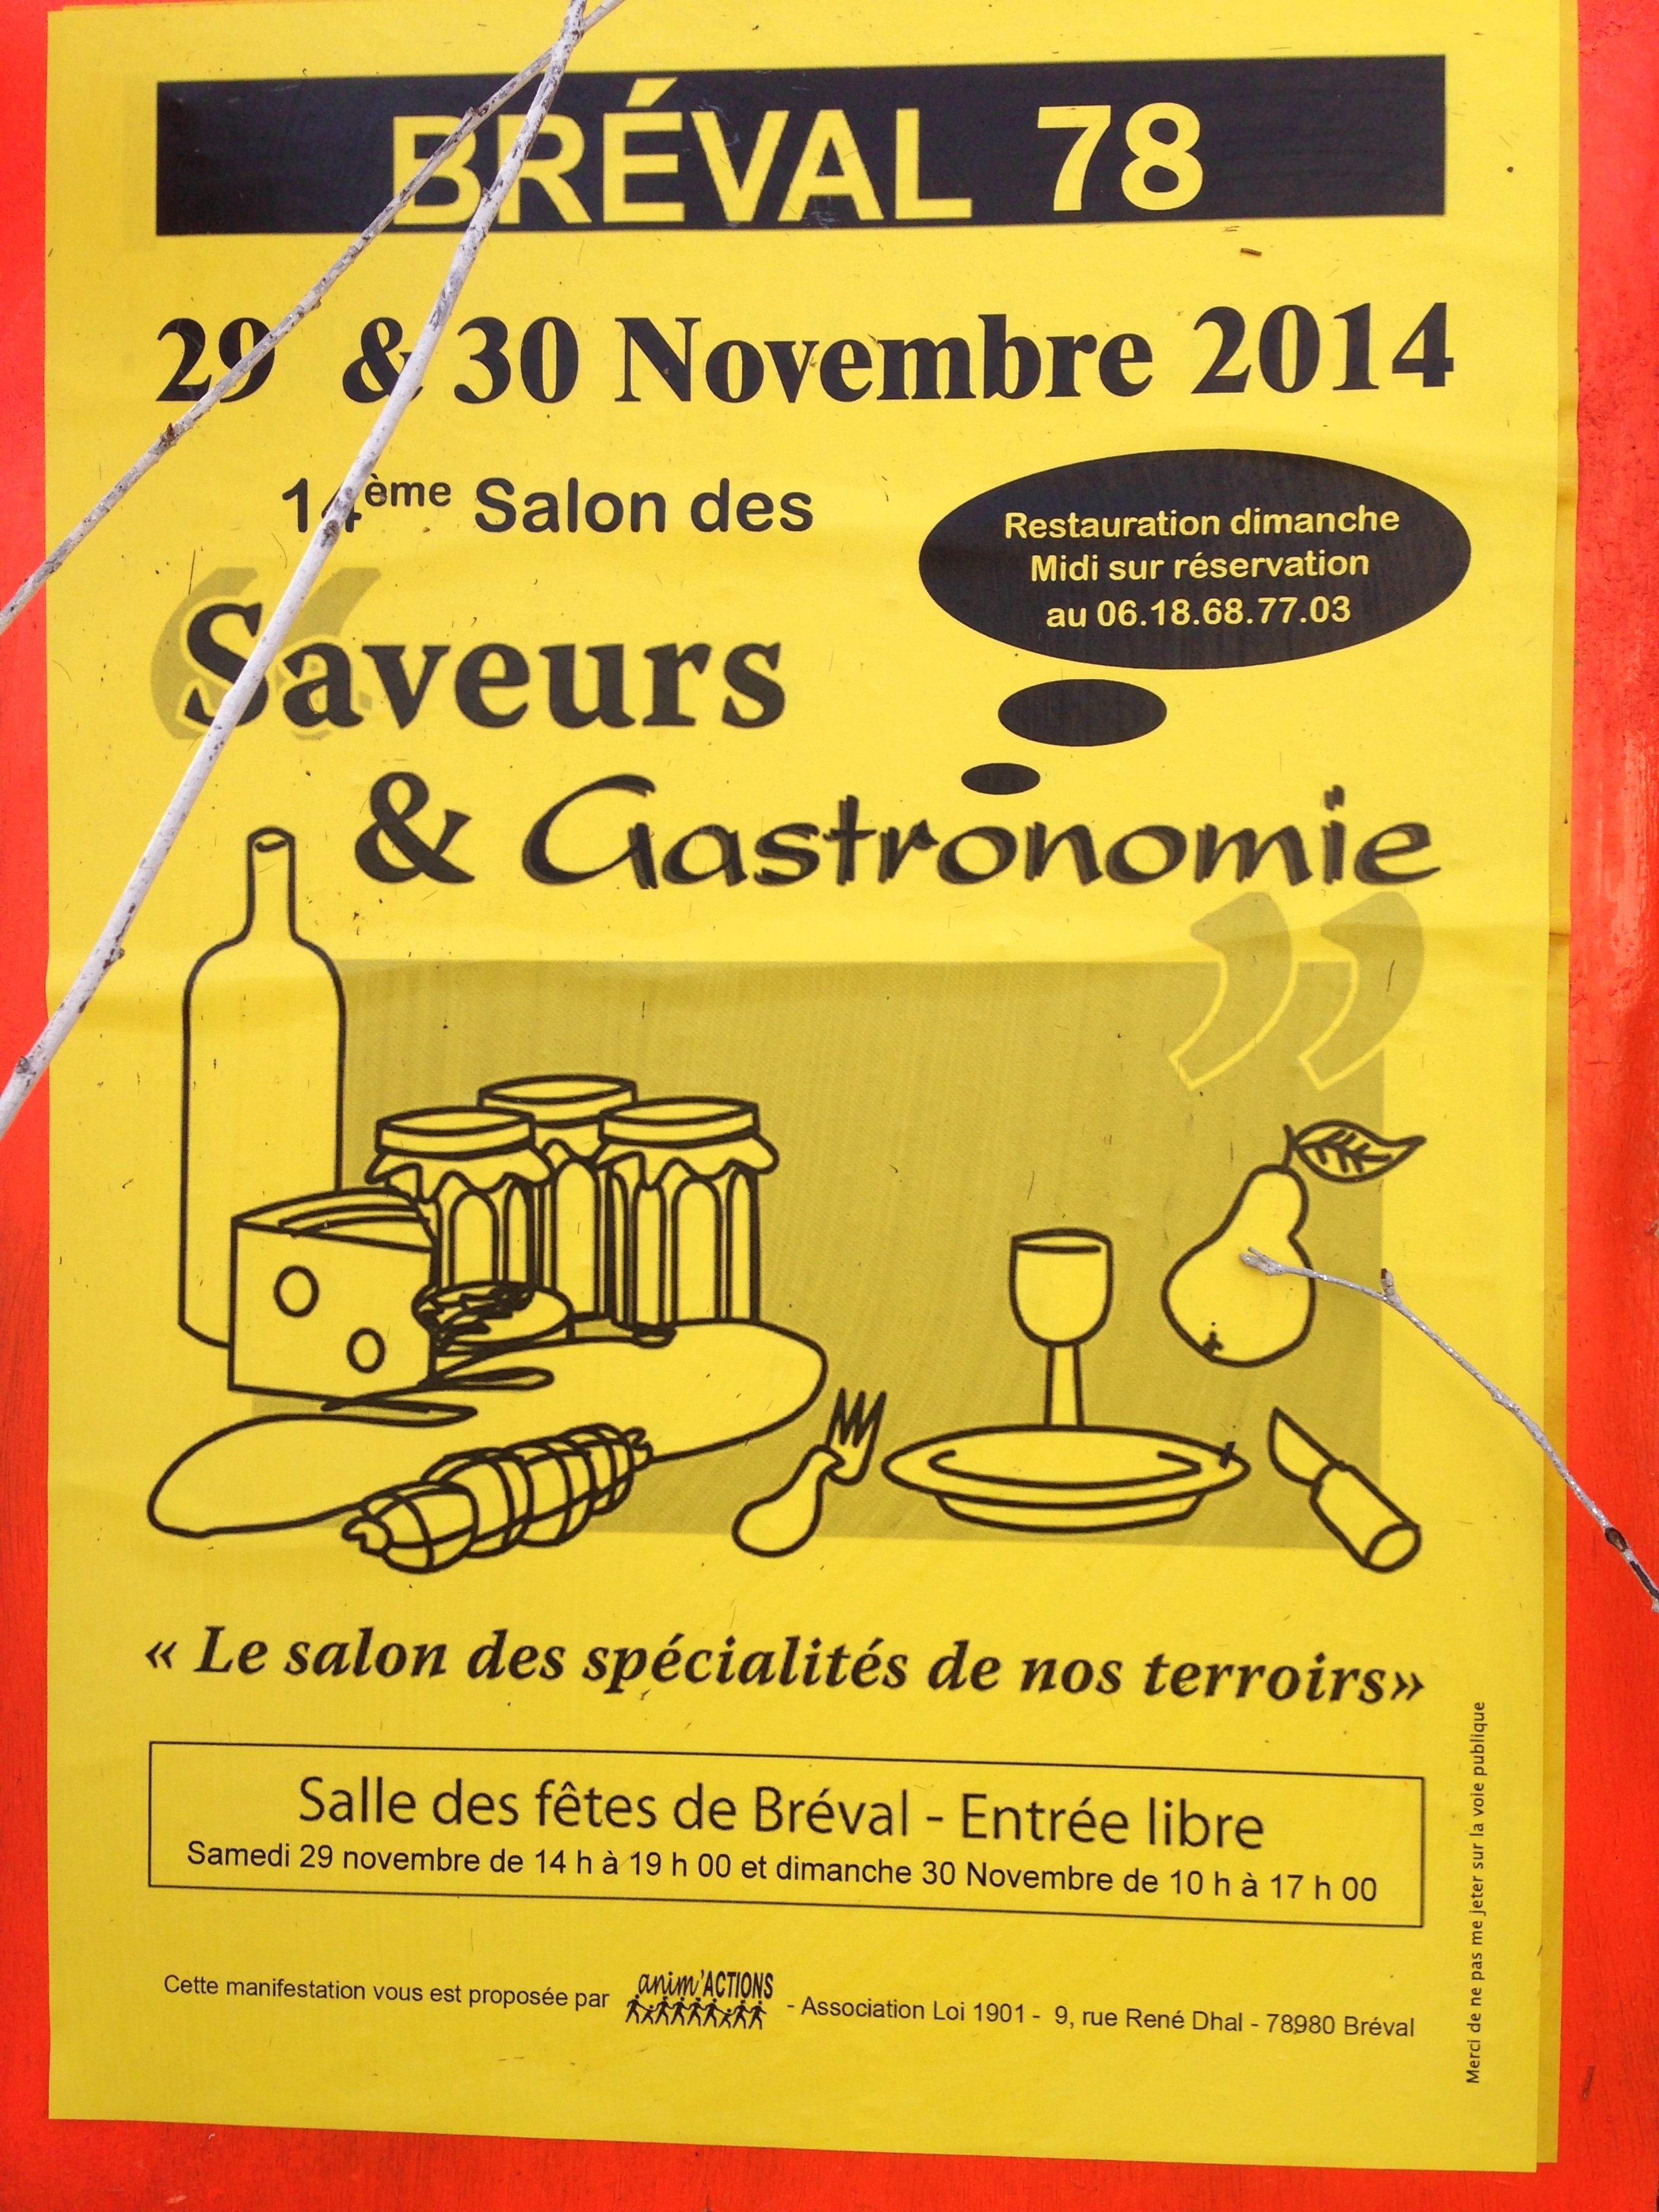 Salon des saveurs et gastronomie breval sevencuisine for Salon sev et cin